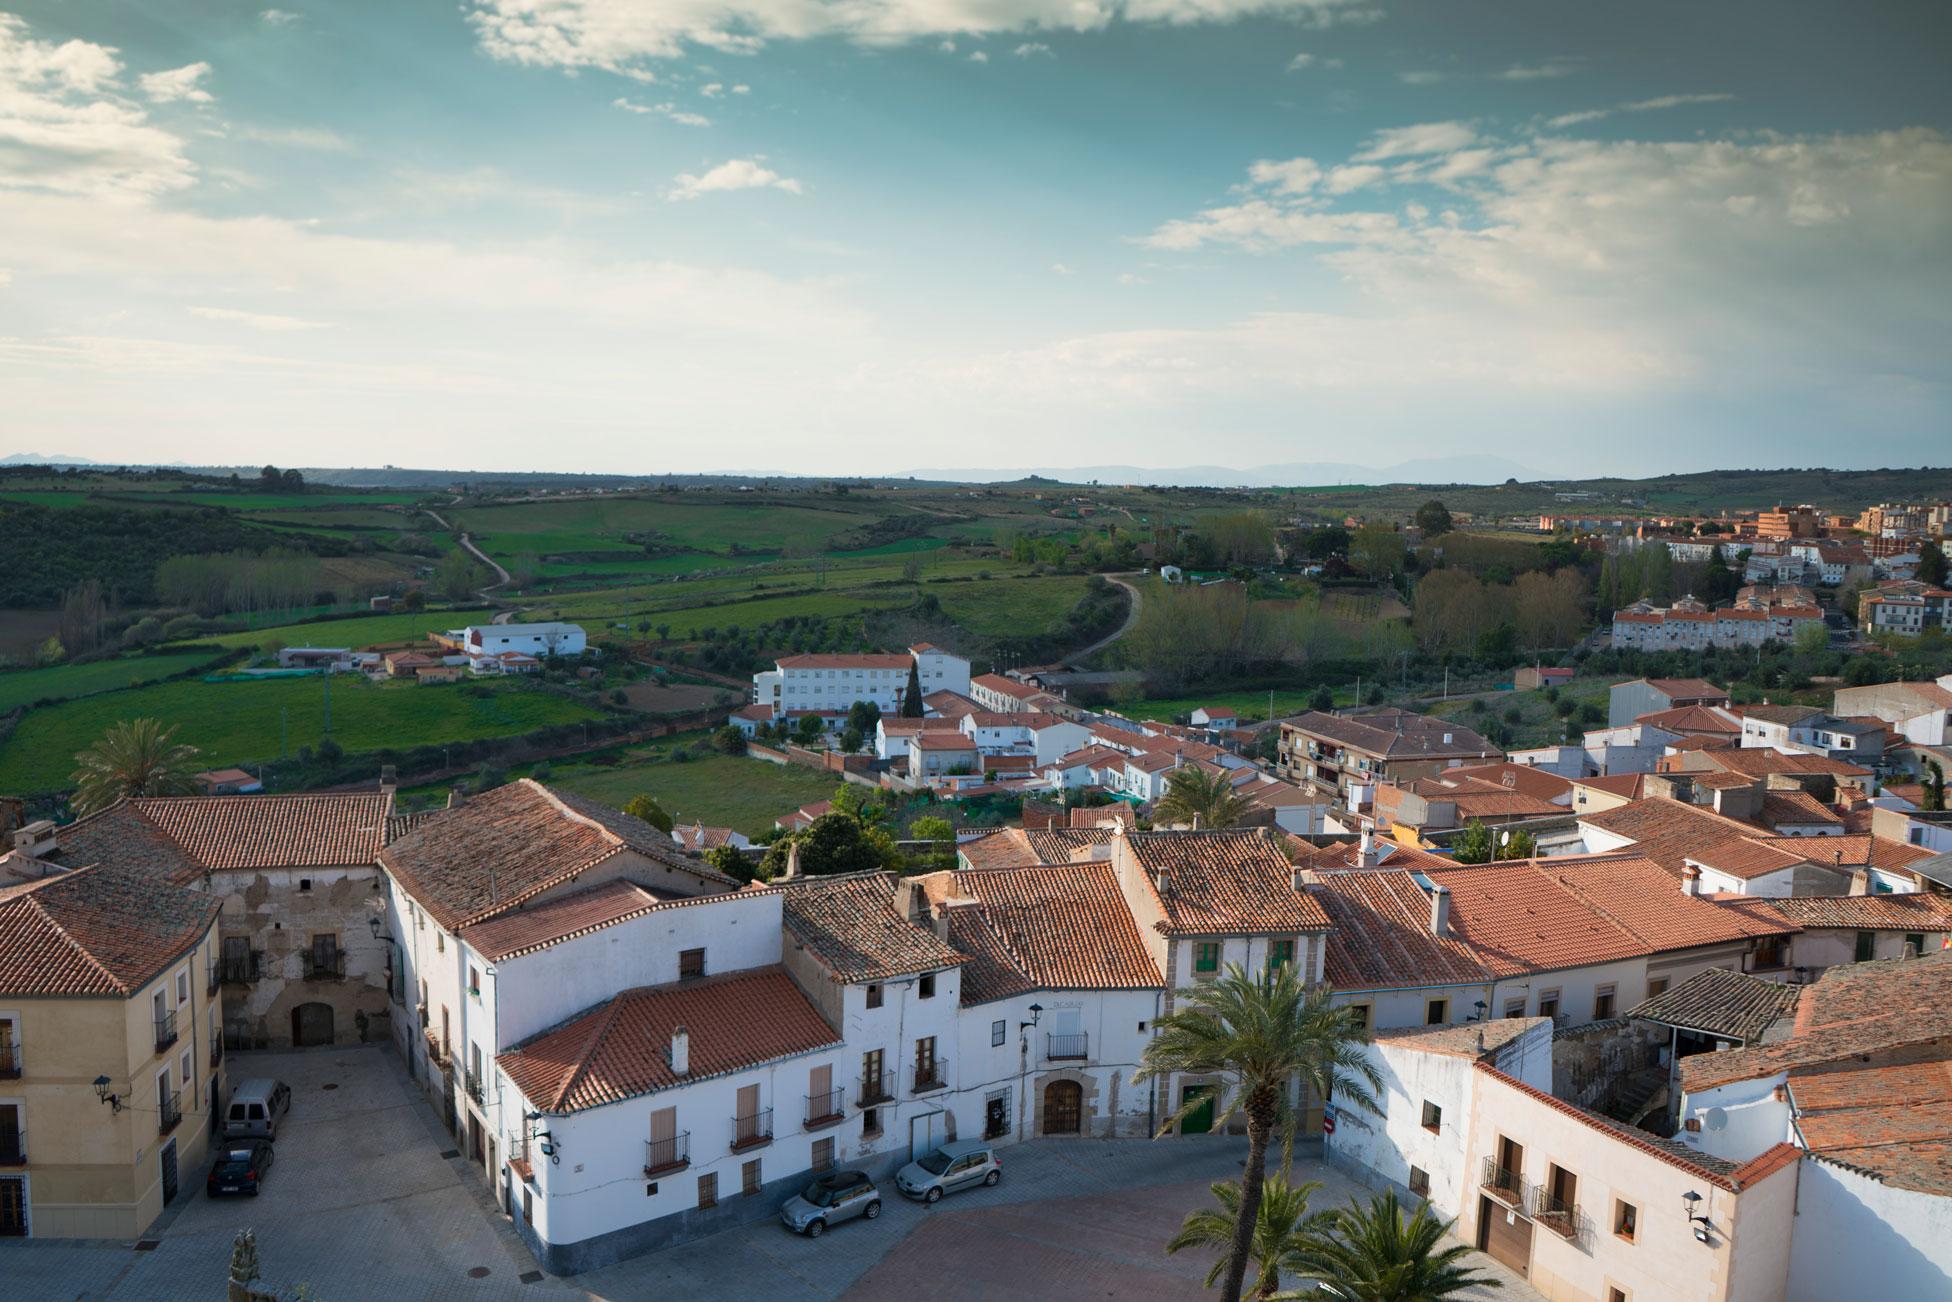 Vista da cidade antiga